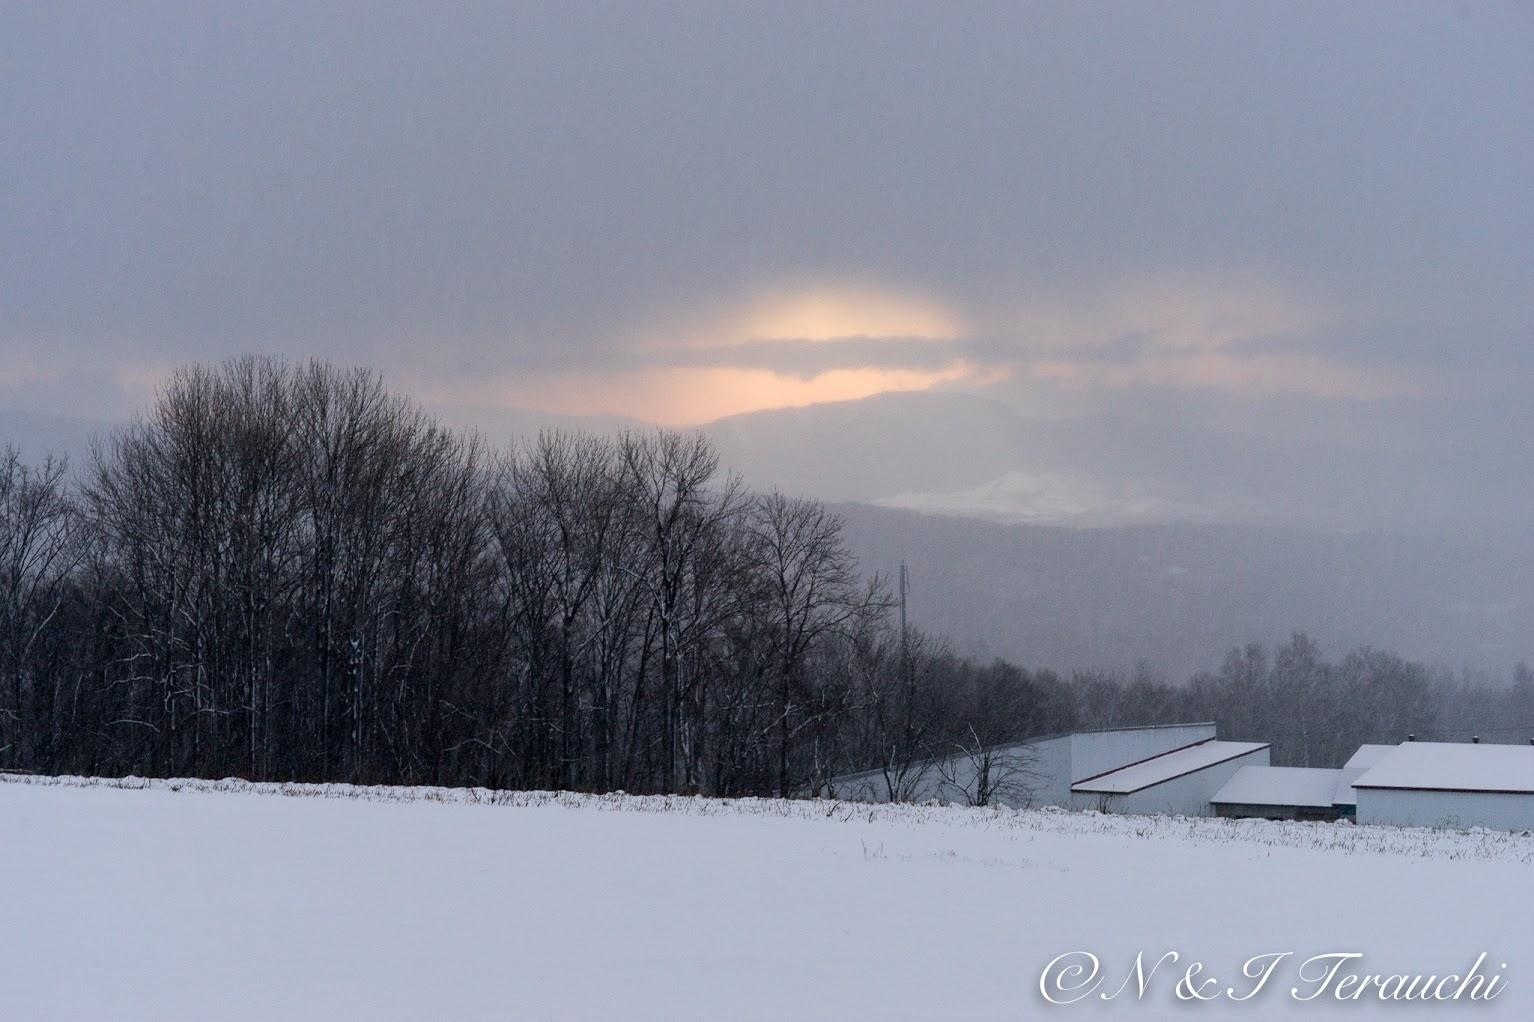 光を閉ざしていく雪雲